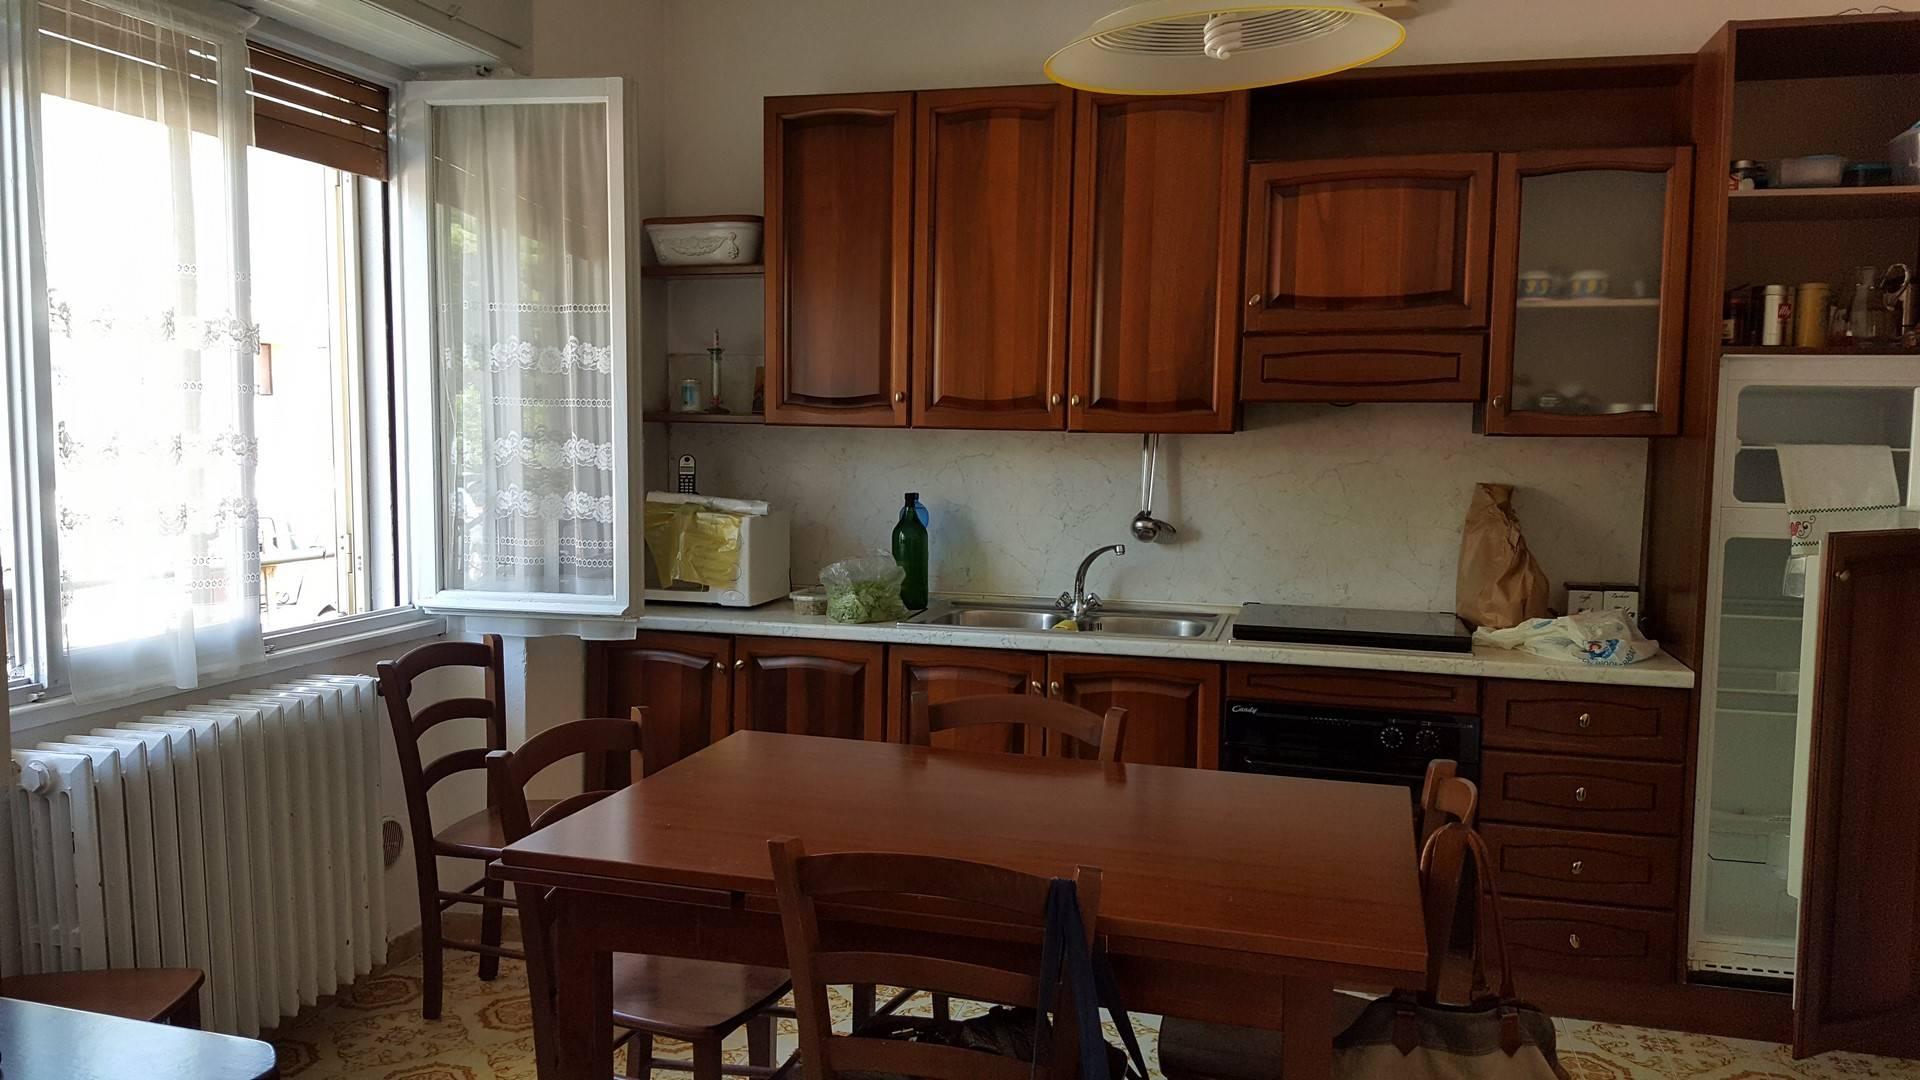 Soluzione Indipendente in vendita a Monteforte d'Alpone, 7 locali, prezzo € 165.000 | CambioCasa.it